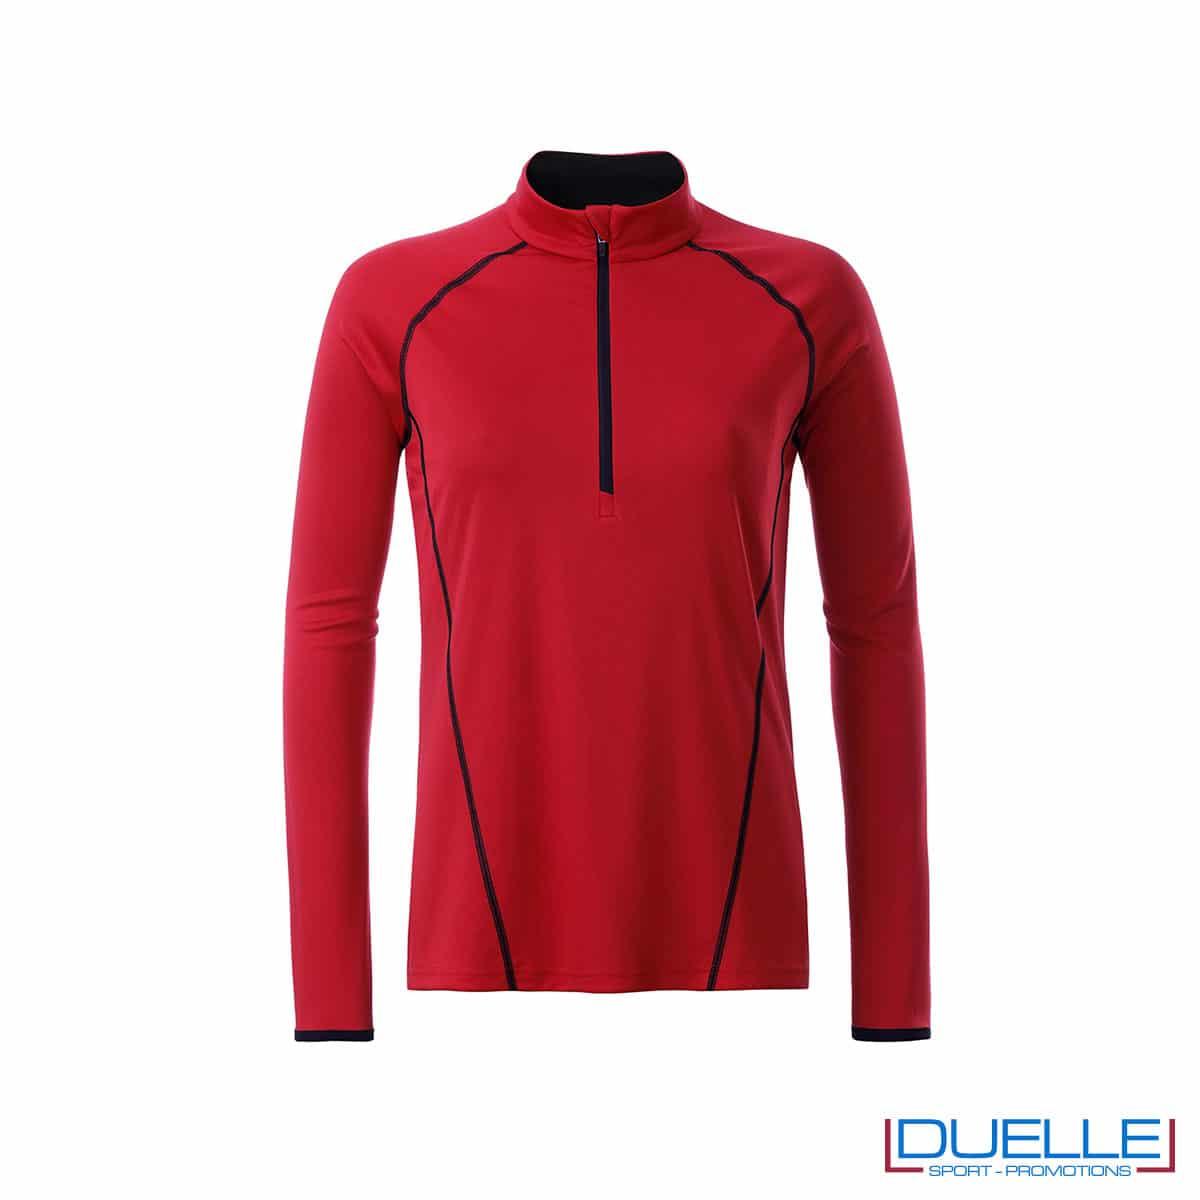 t shirt manica lunga donna colore rosso personalizzata